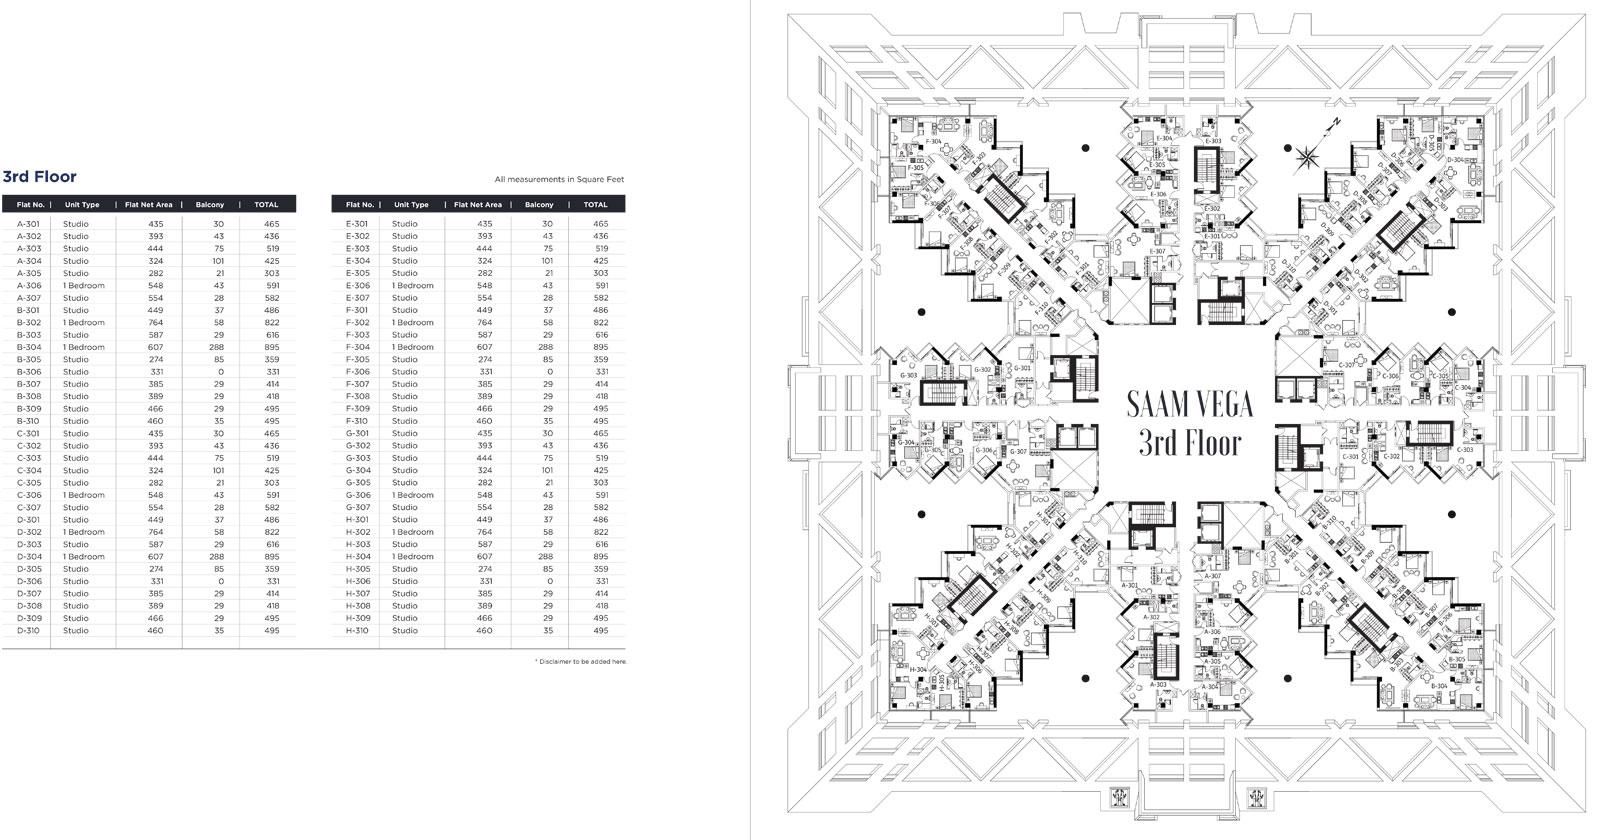 الطابق الثالث - A301 - H310 ، الأحجام: 303 - 895 قدم مربع